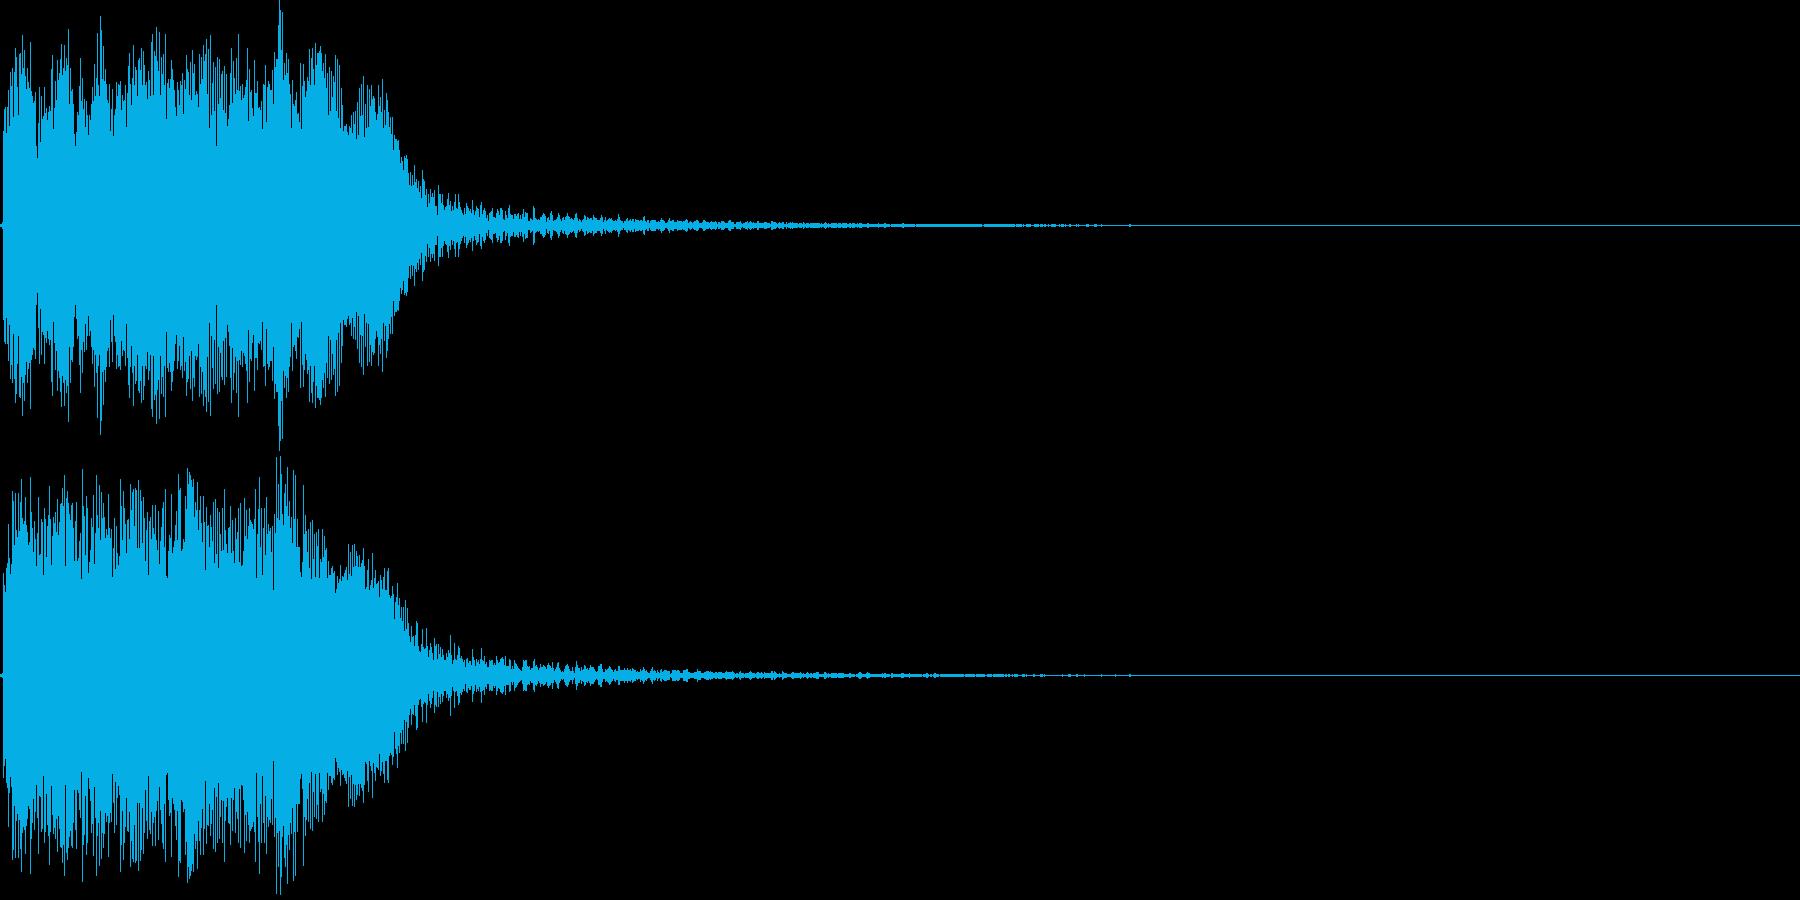 ファンファーレ ハズレ 失格 残念 05の再生済みの波形